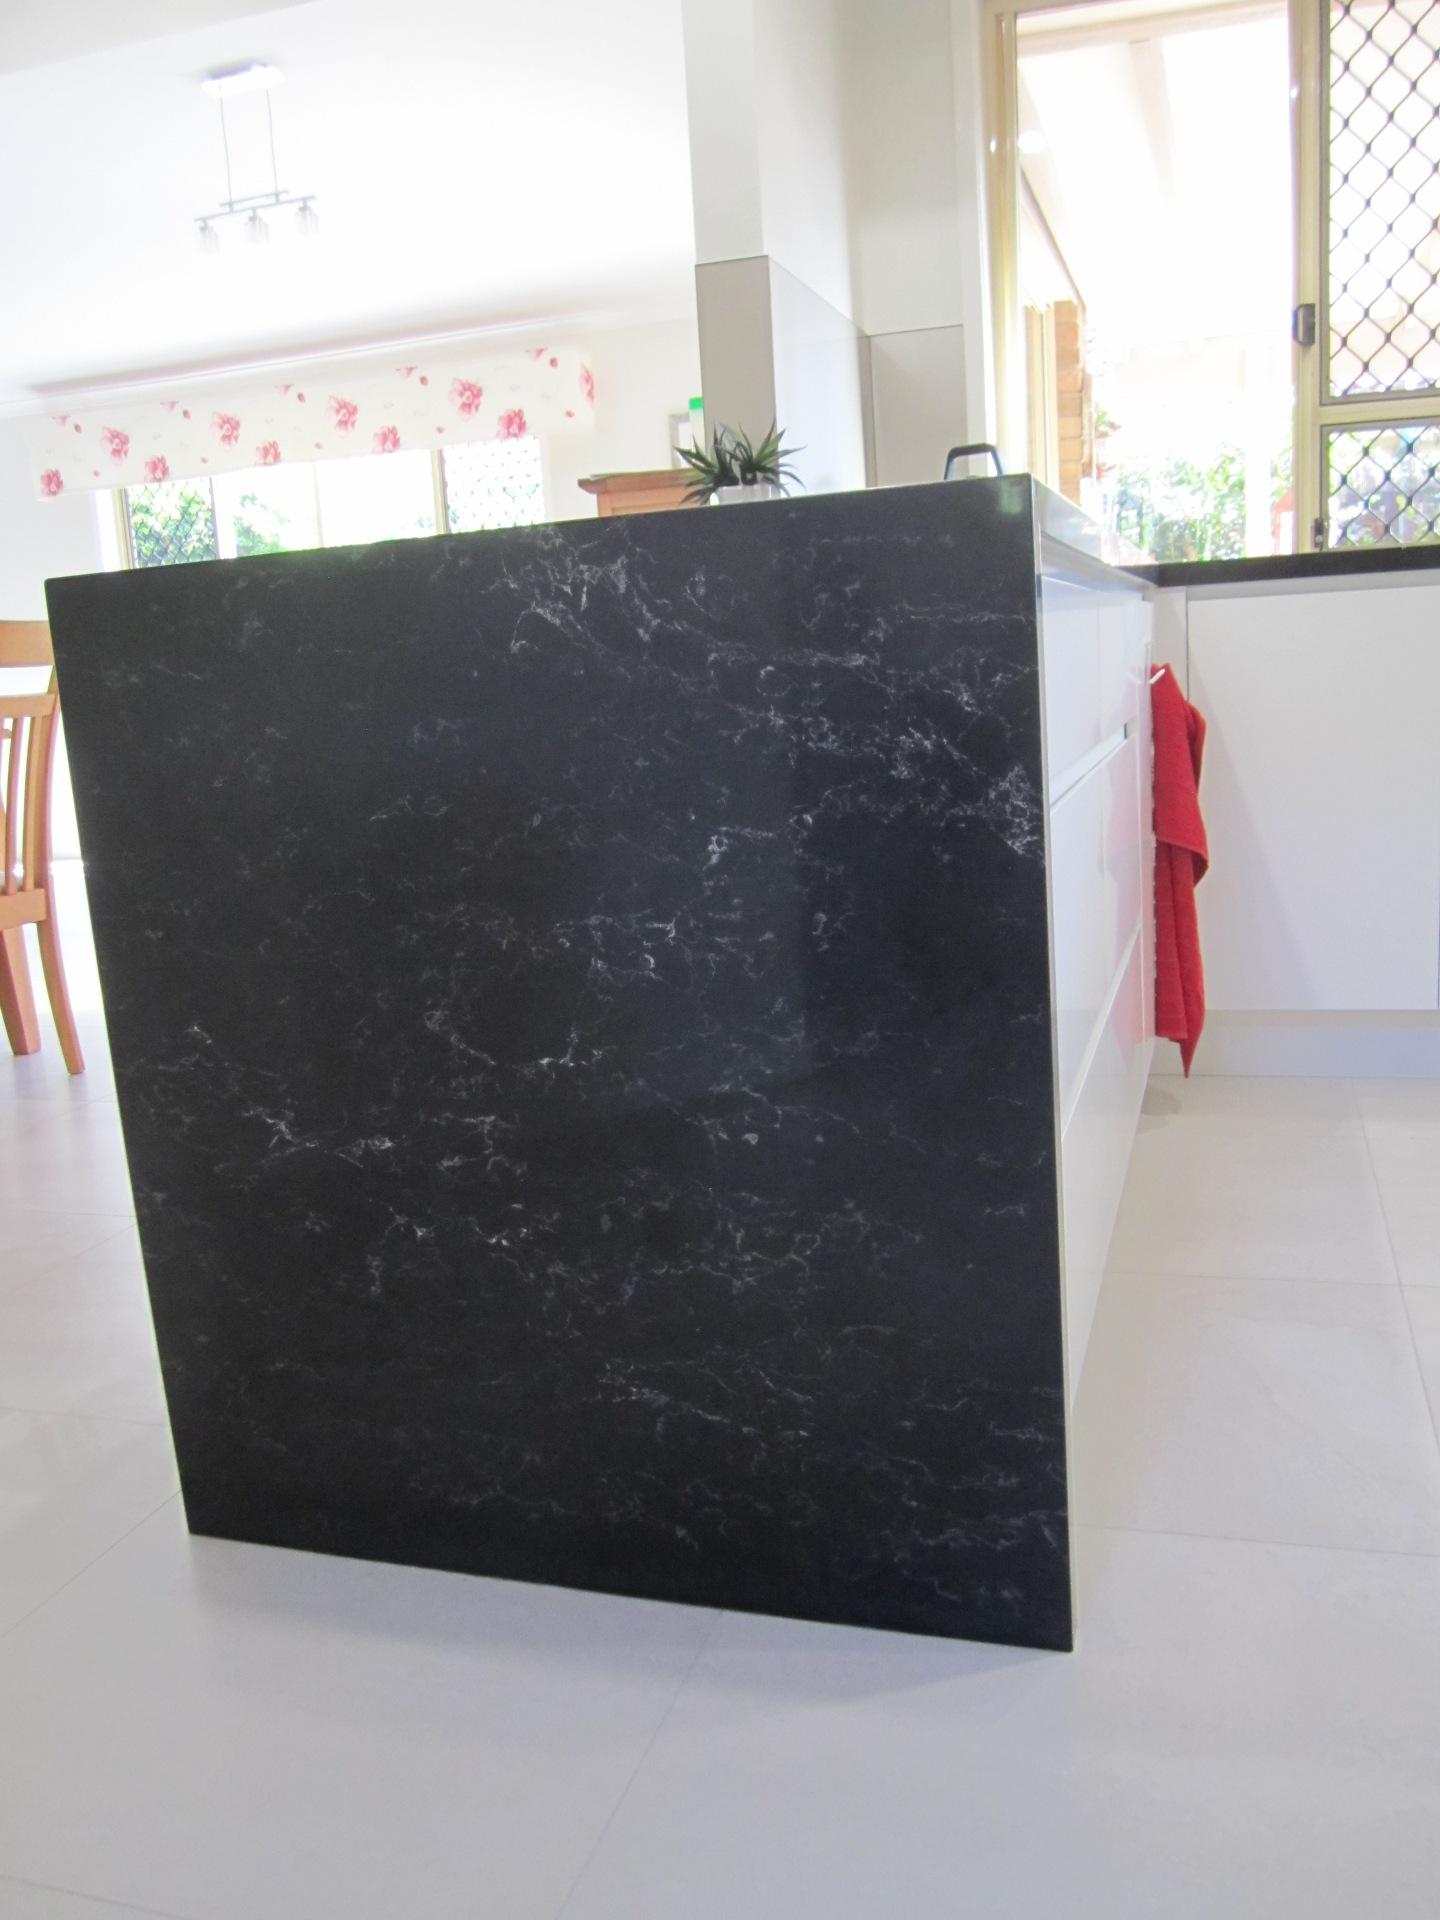 Brisbane Kitchen Design Contemporary Kitchen White 2 Pac Integrated Handles (11)